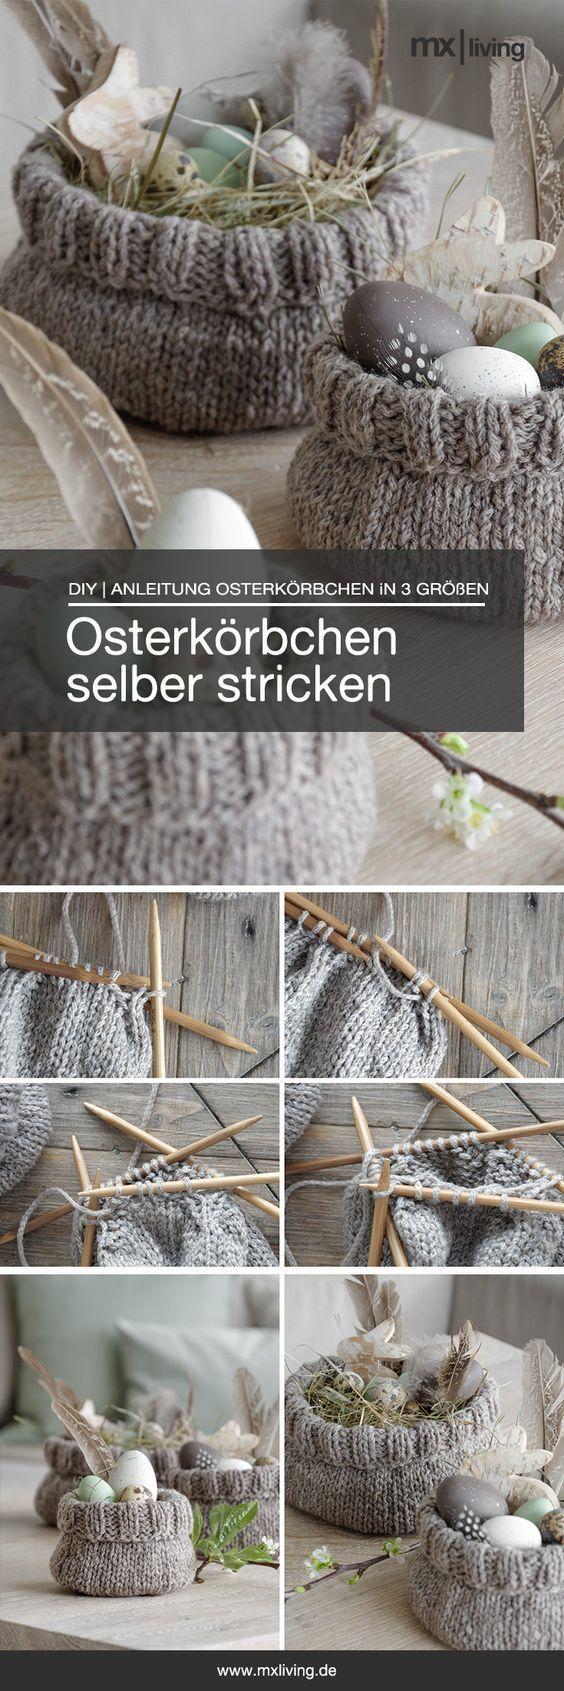 Photo of DIY | Stricken Sie auch süße Osterkörbe – mxliving